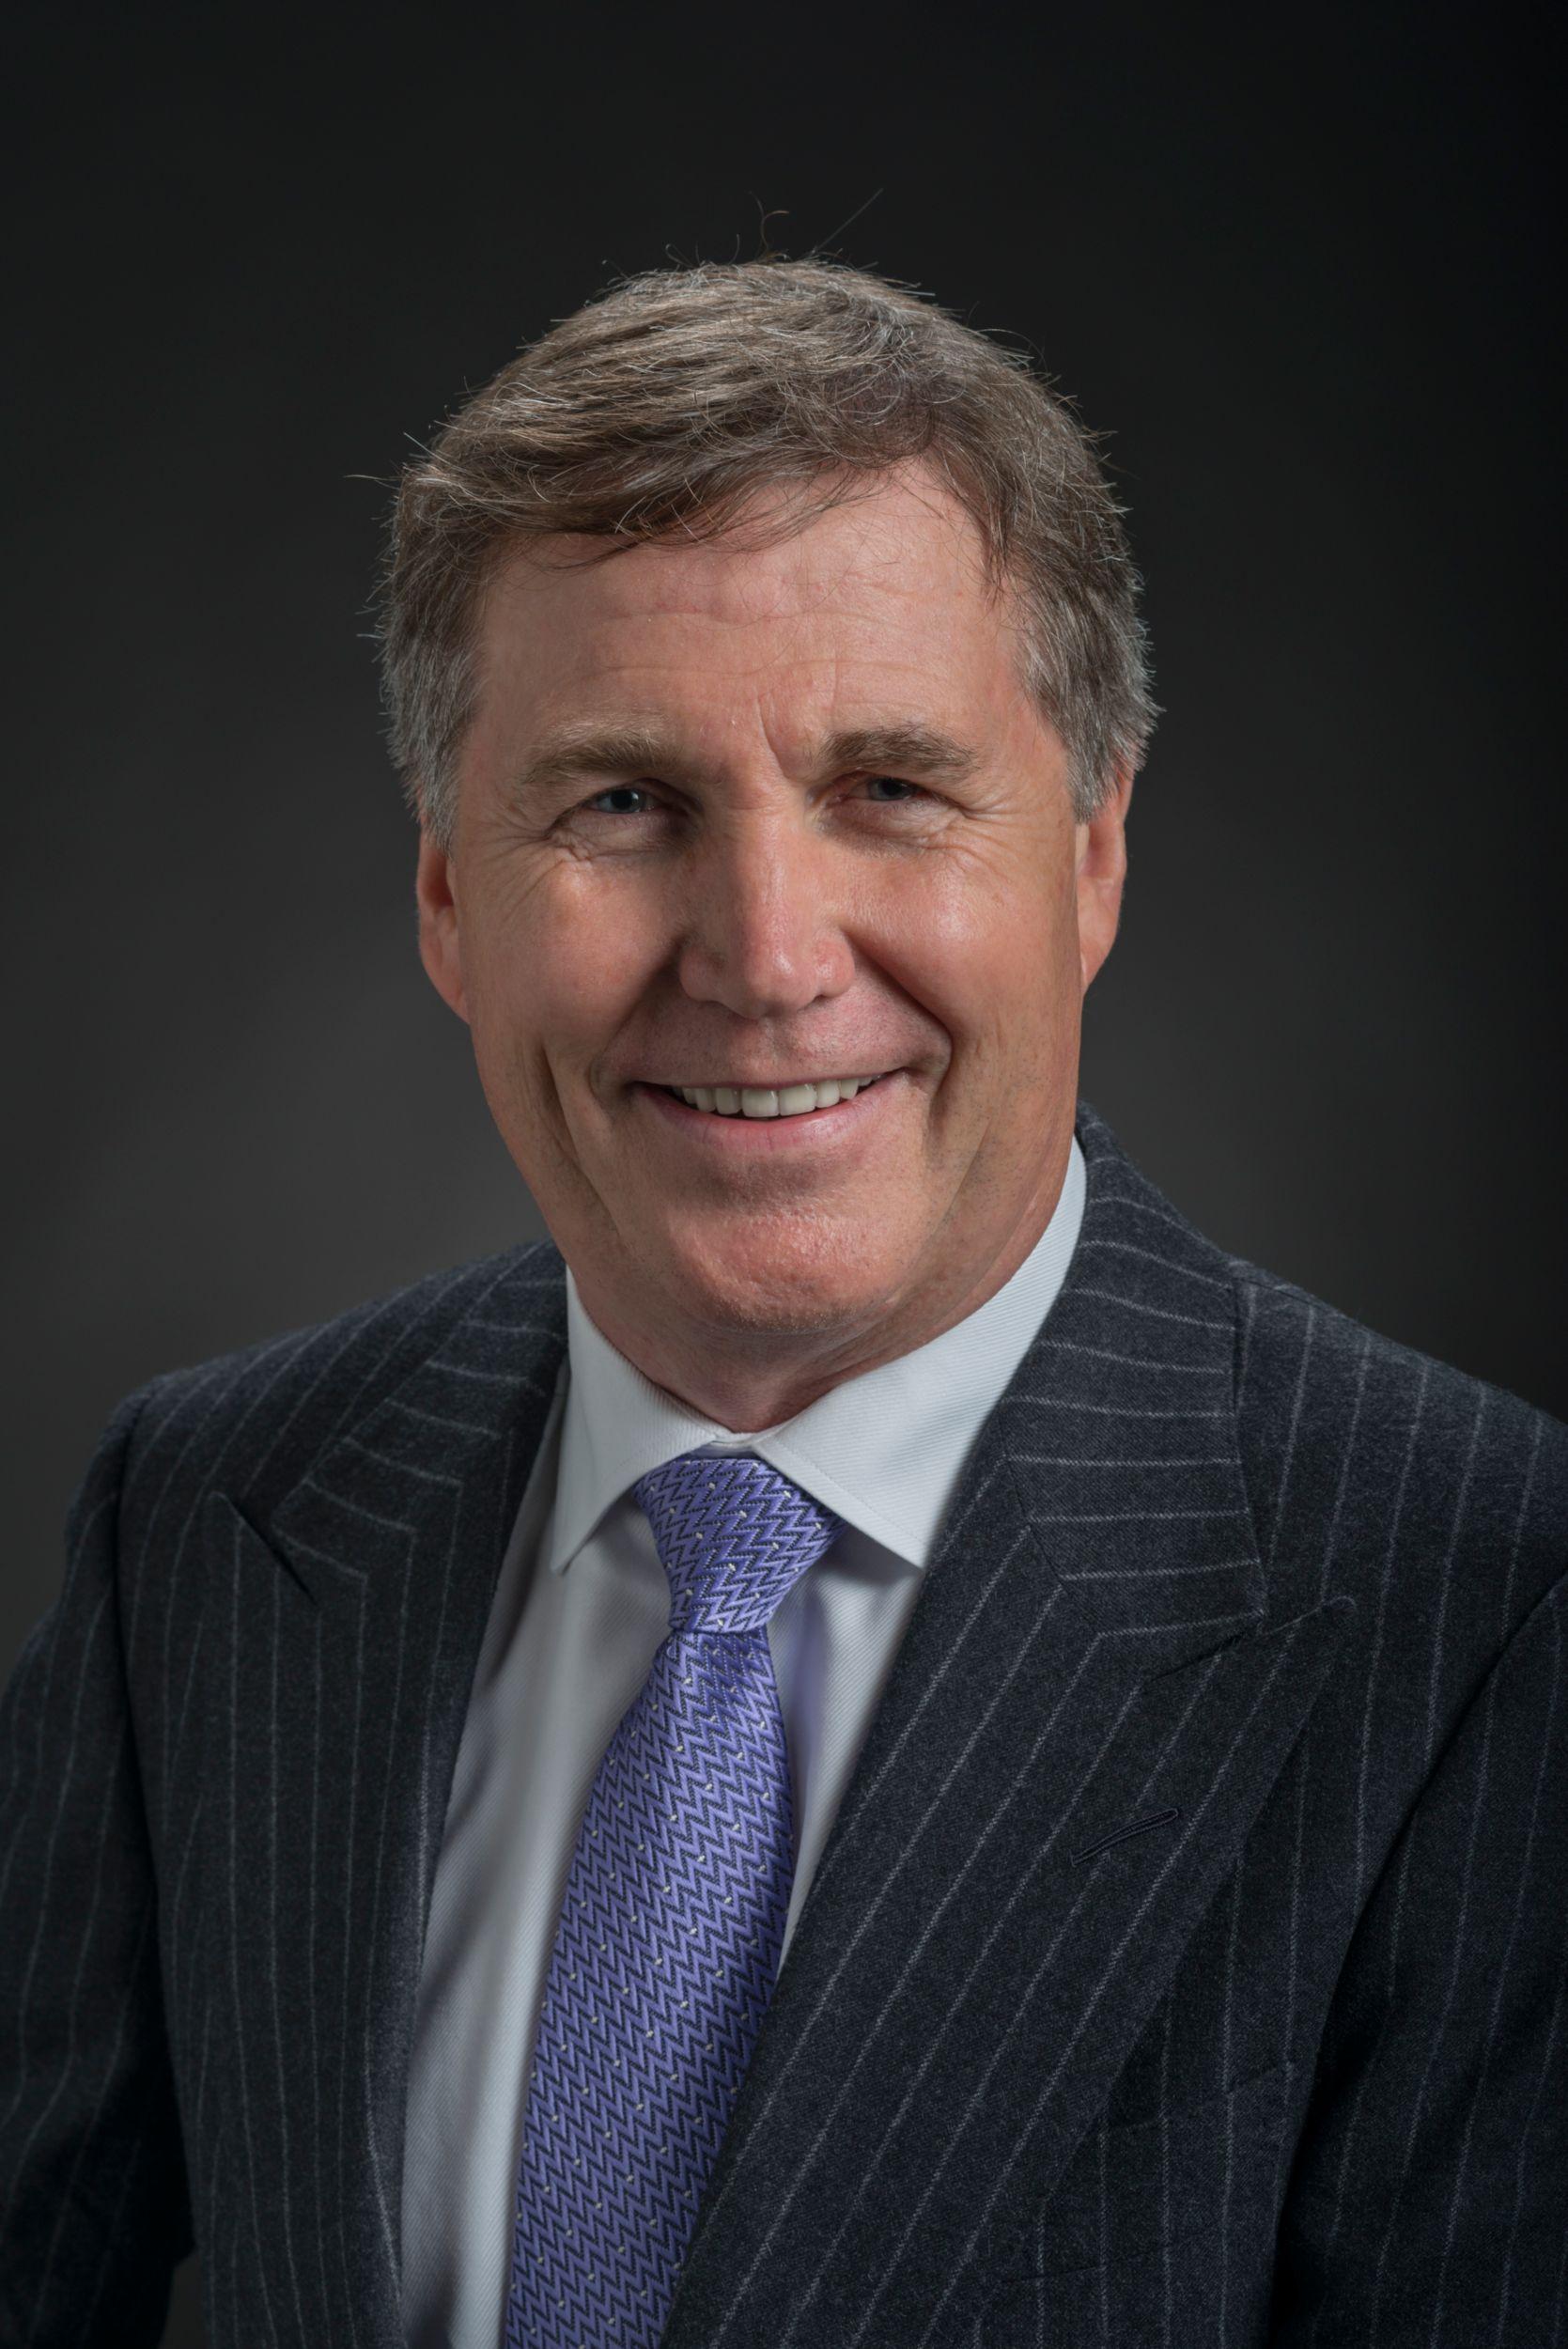 Andrew Bonfield